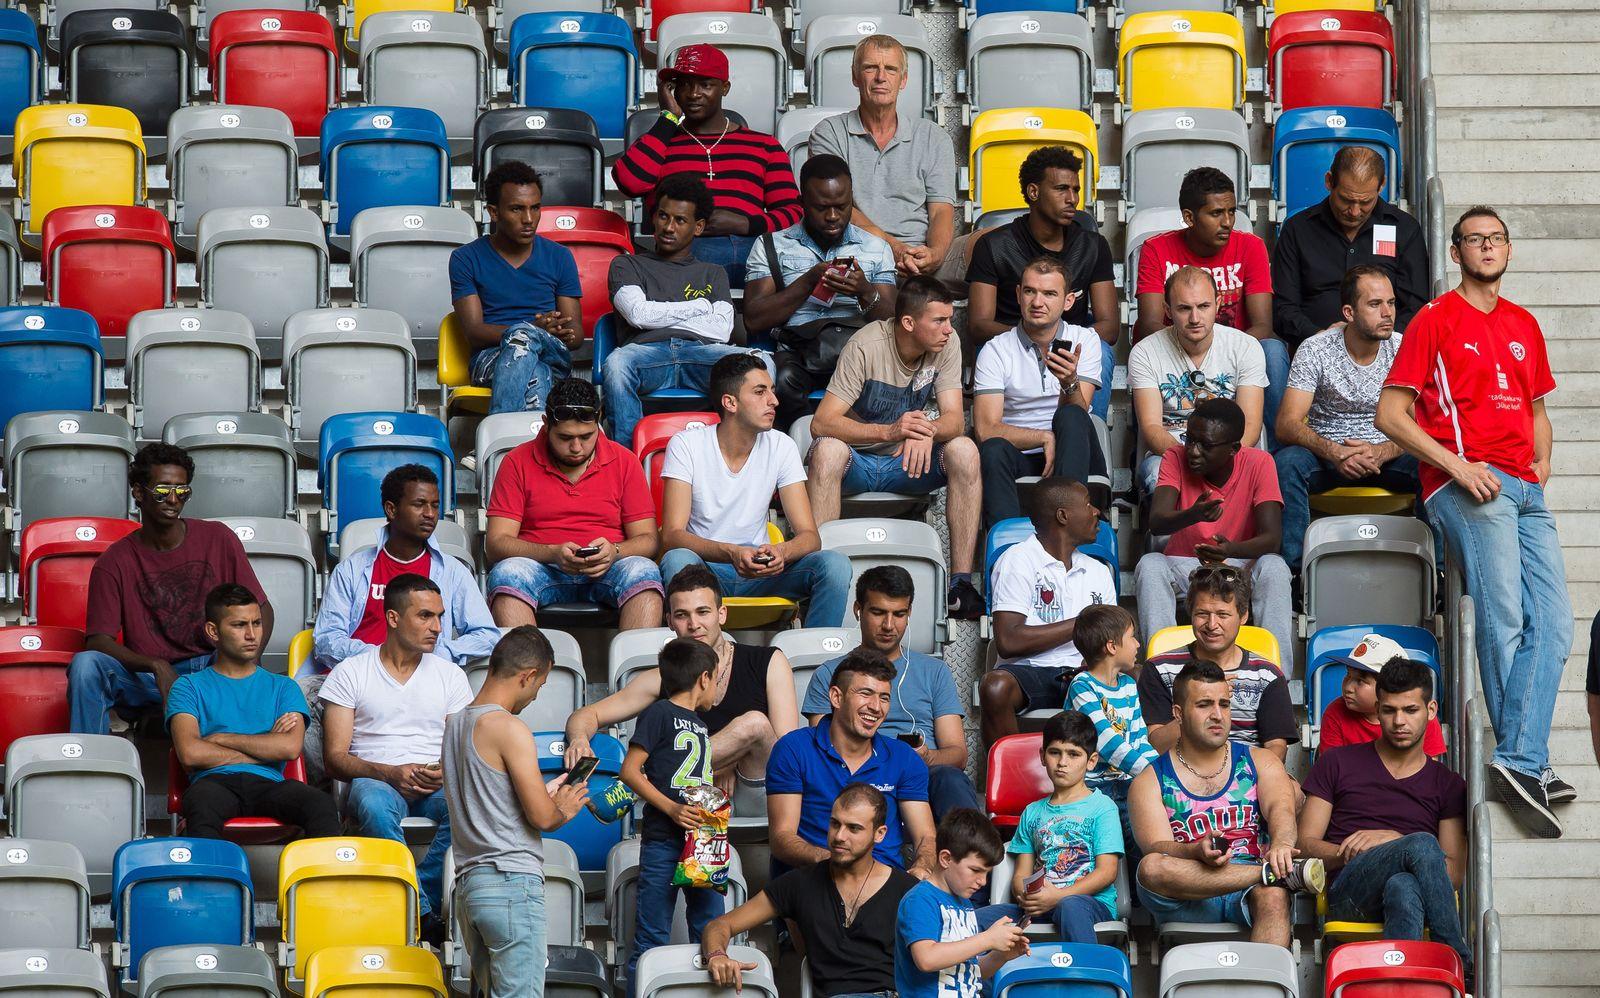 flüchtlinge im Stadion